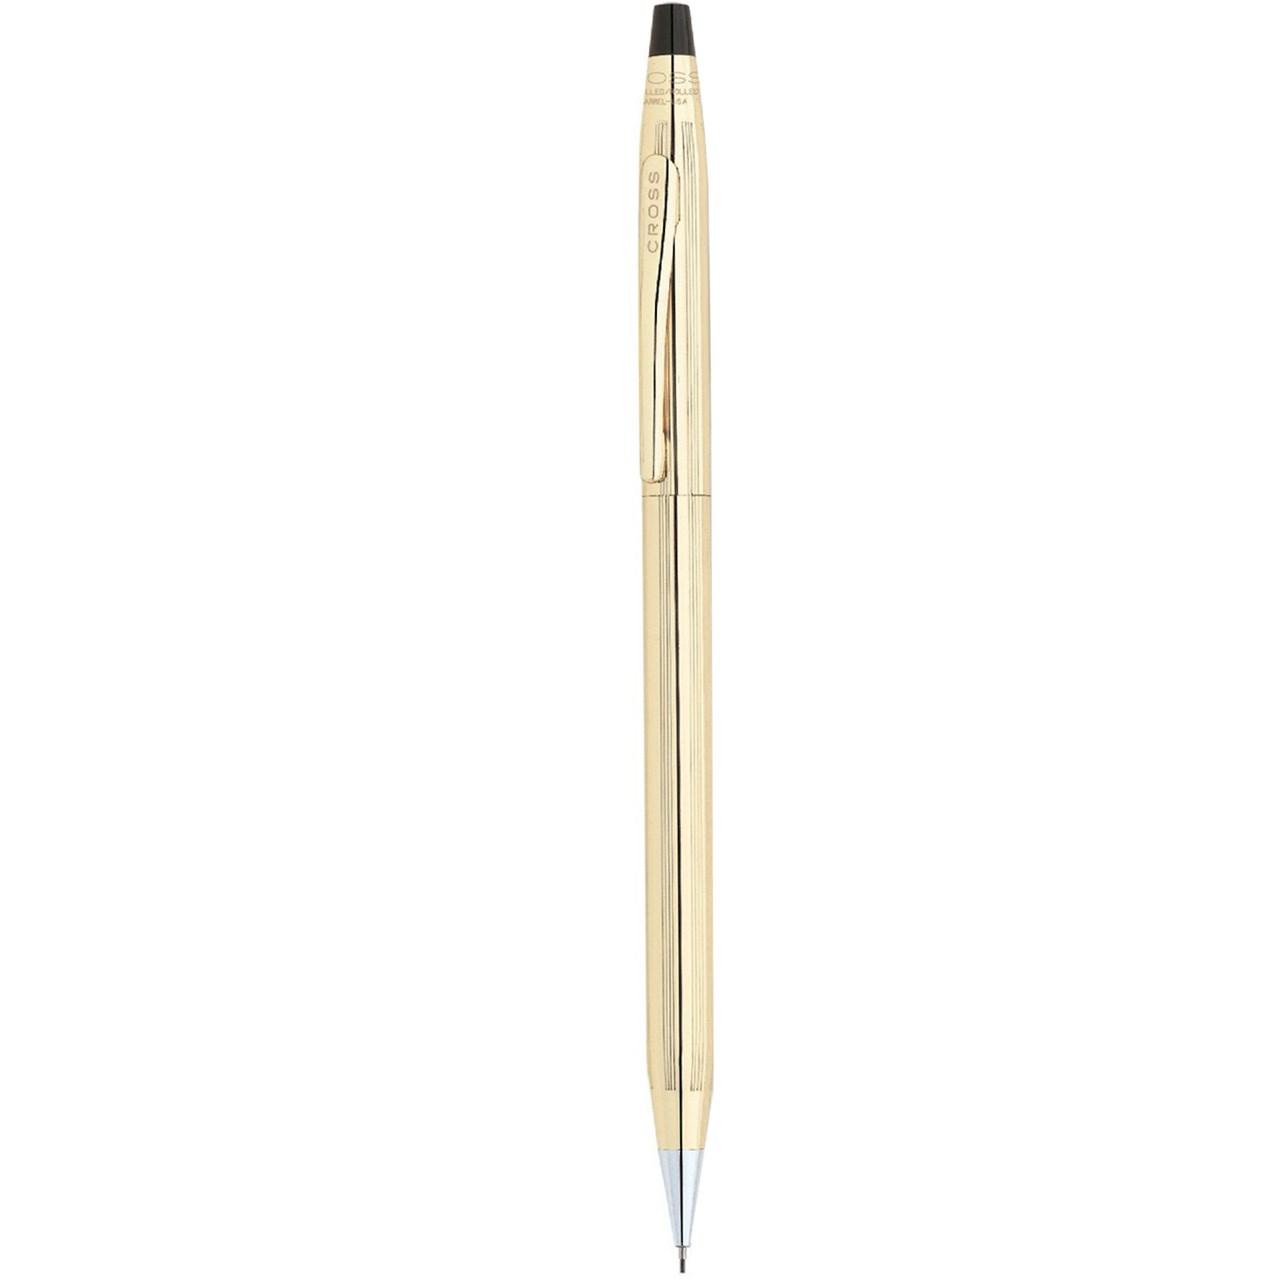 مداد نوکی 0.7 میلی متری کراس مدل Century با روکش طلا روی بدنه